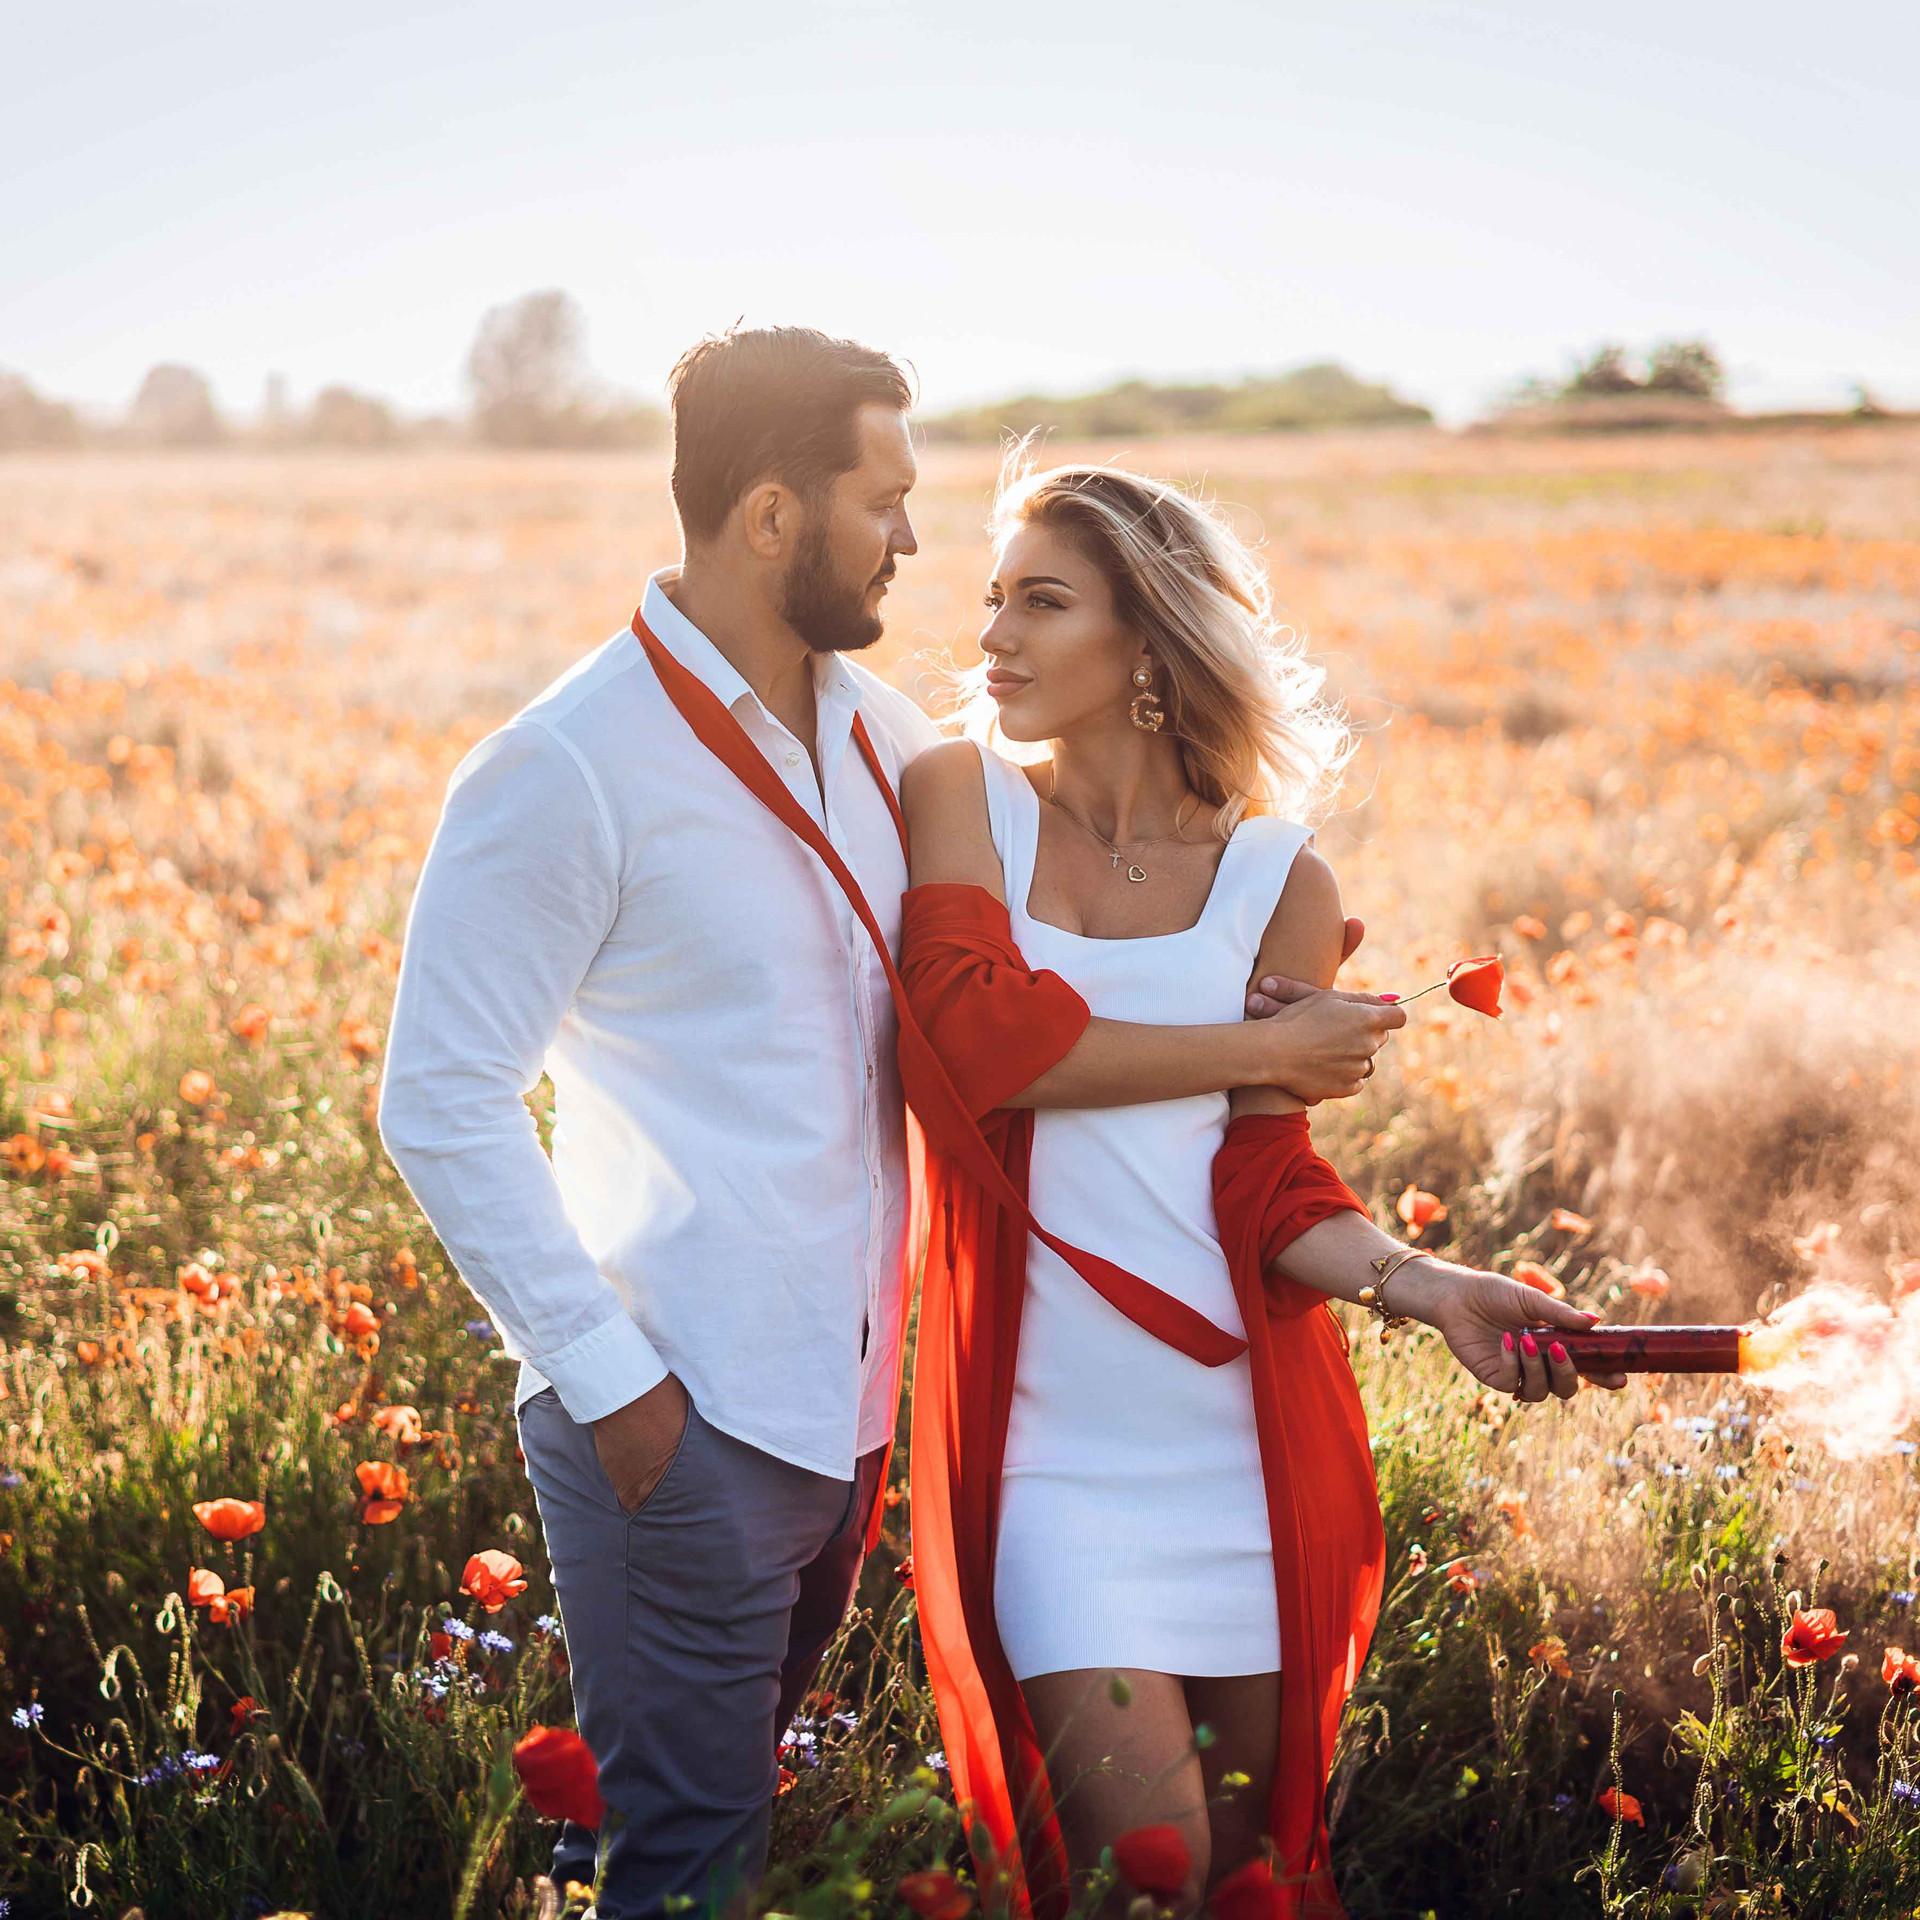 couples-in-flowers-8.jpg